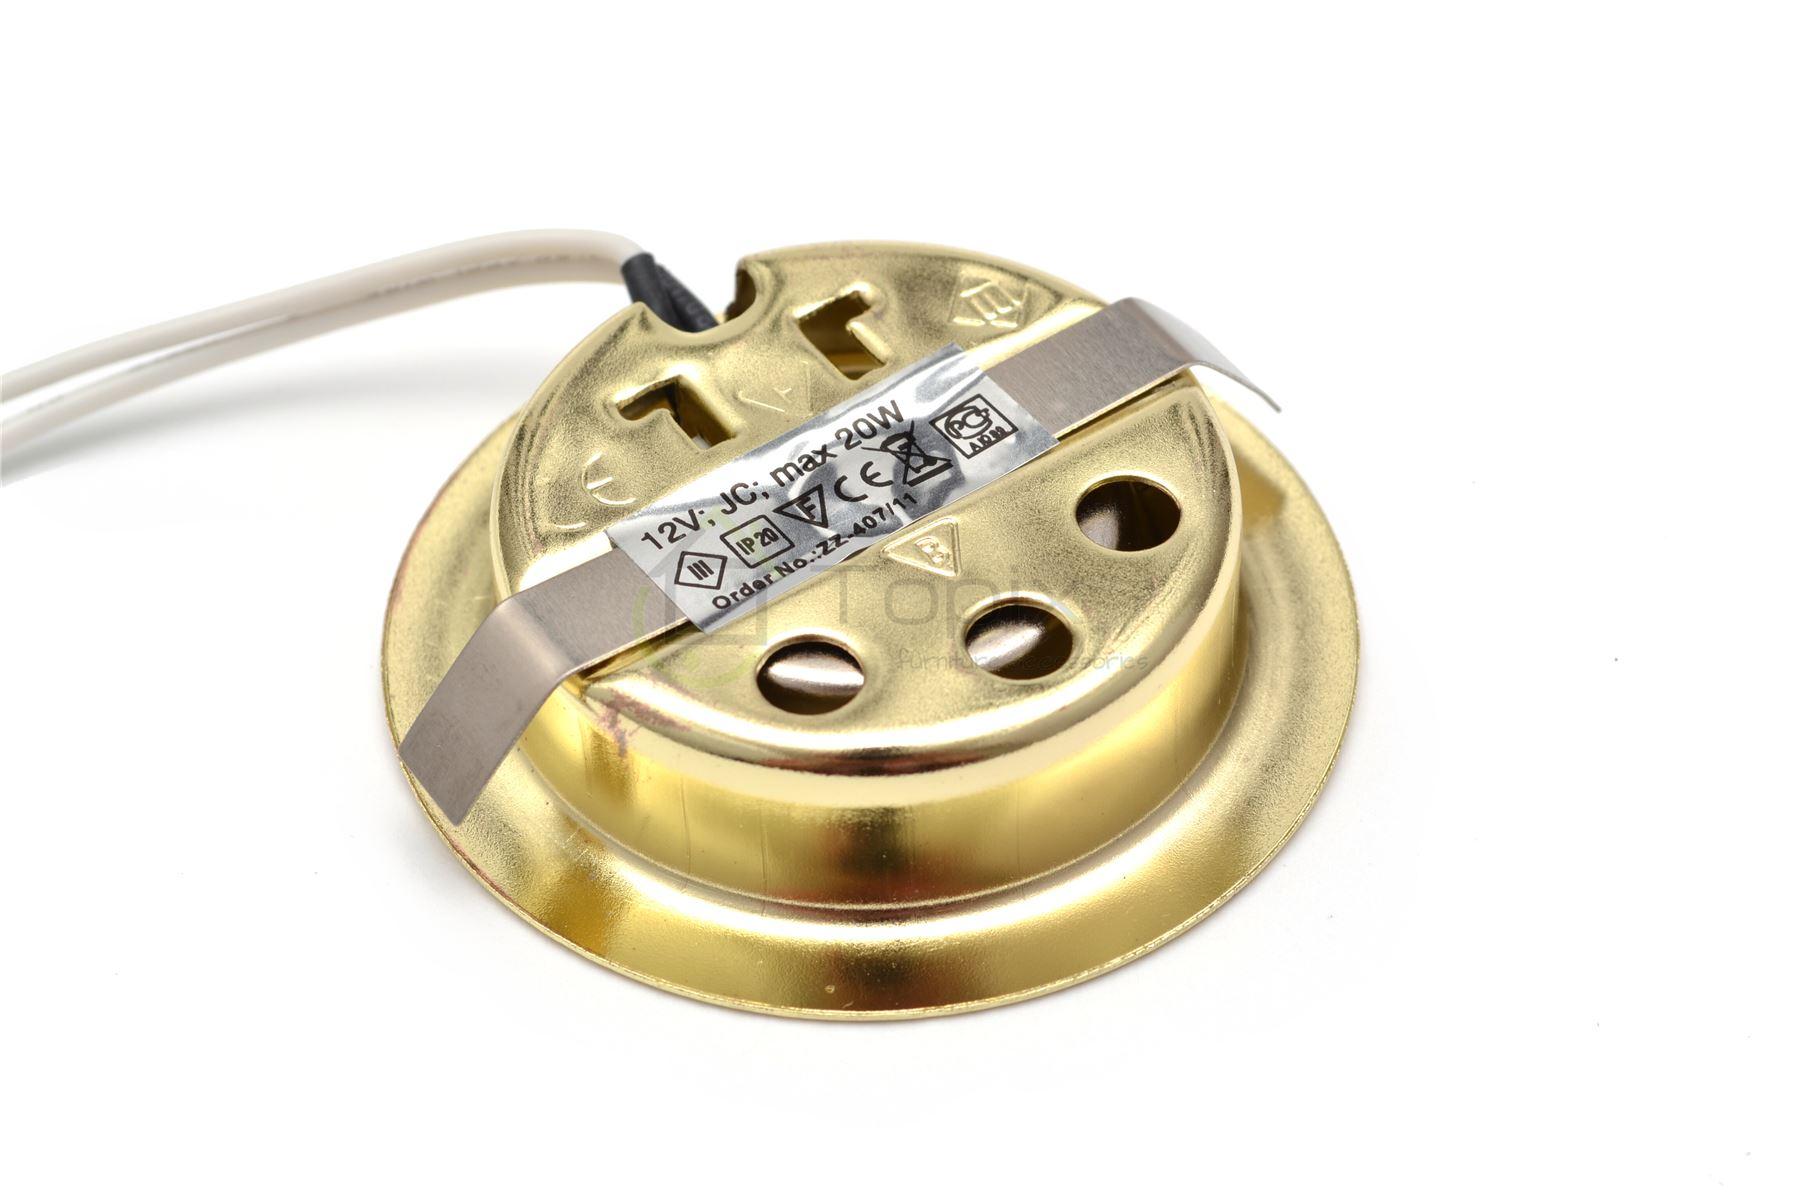 halogen einbaustrahler einbauleuchte bis 300lm flach slim g4 12v 20w in gold. Black Bedroom Furniture Sets. Home Design Ideas